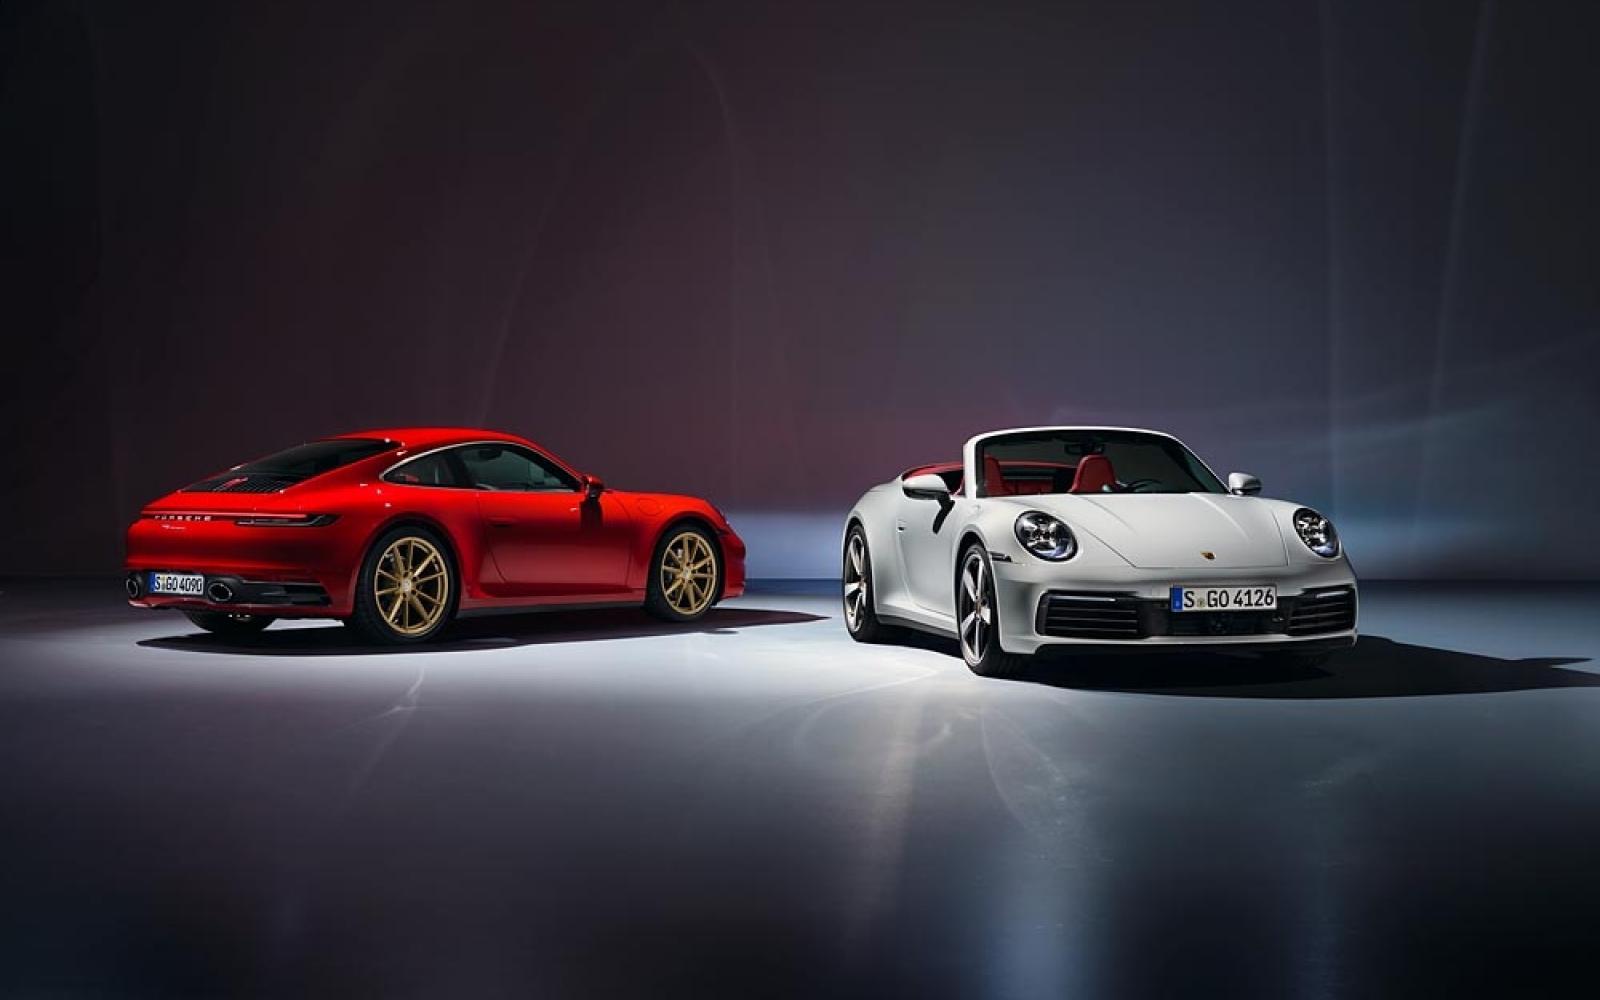 Hoe verhoudt de nieuwe Porsche 911 Carrera zich tot de 911 Carrera S?